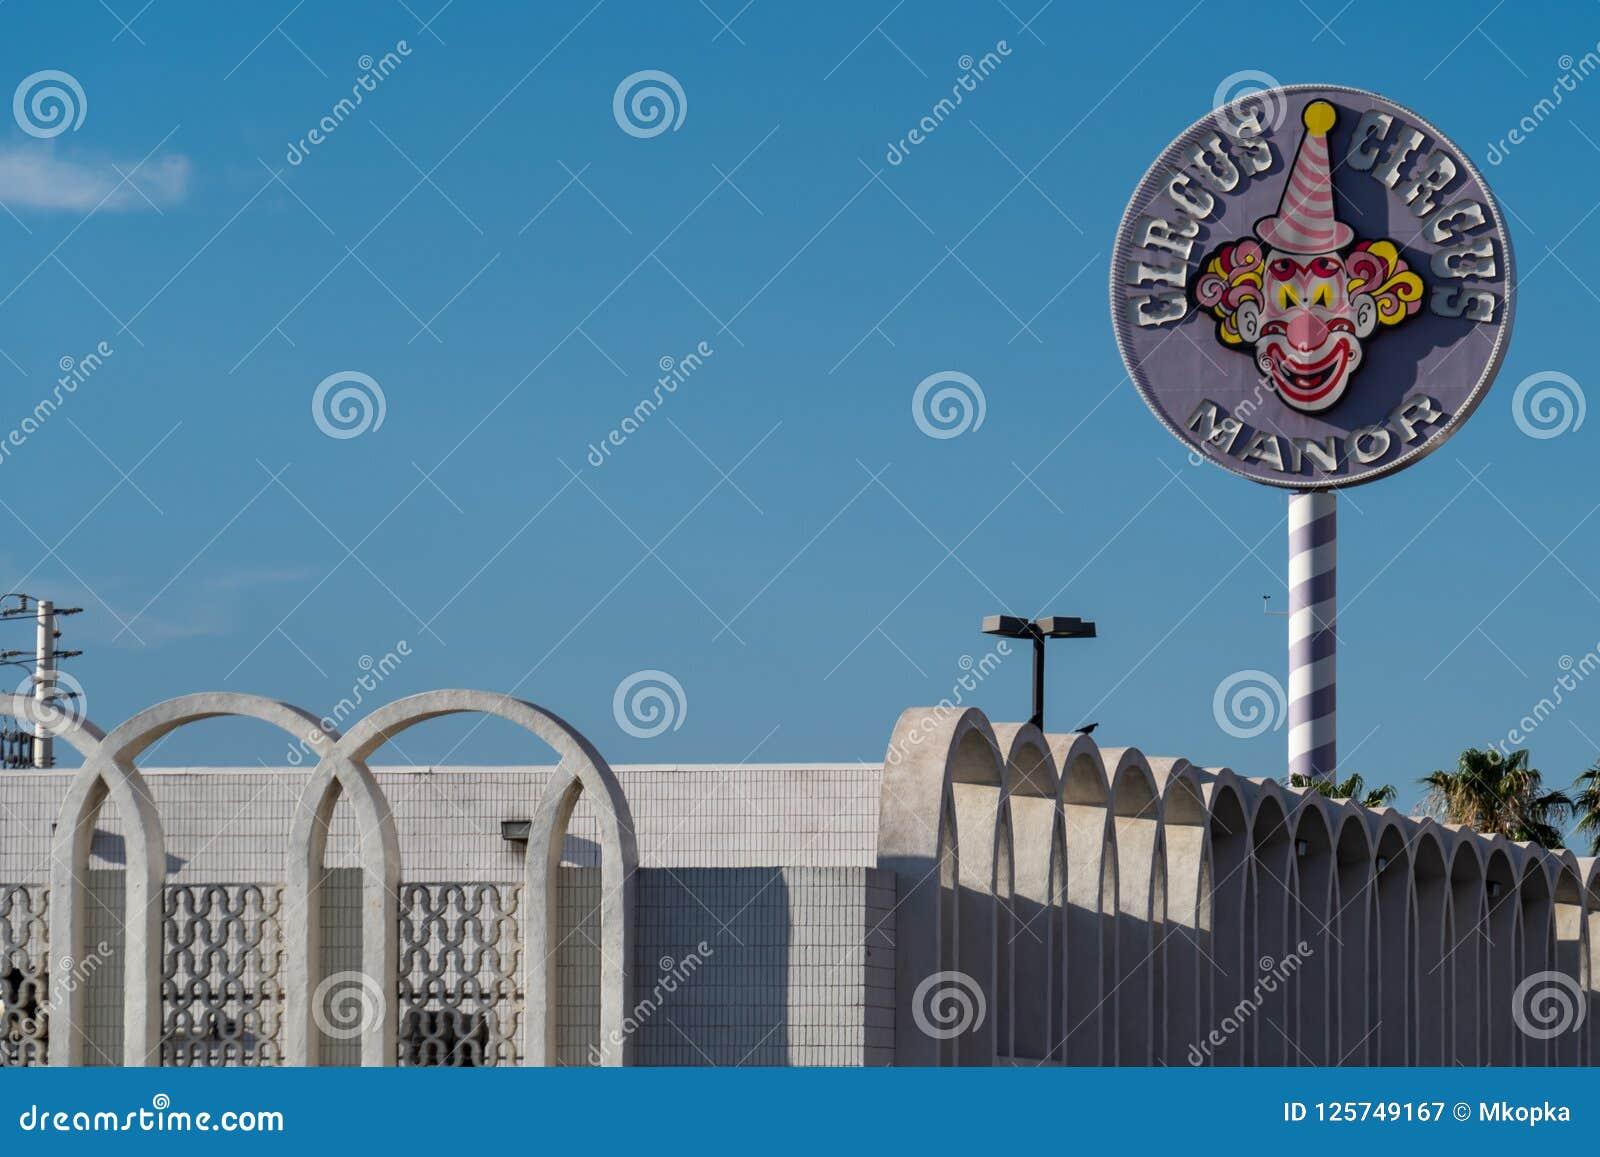 9 ΙΟΥΛΊΟΥ 2018 - ΛΑΣ ΒΈΓΚΑΣ, ΝΕΒΑΔΑ: Σημάδι και μερική φωτογραφία οικοδόμησης των δωματίων φέουδων ξενοδοχείων τσίρκων τσίρκων κα